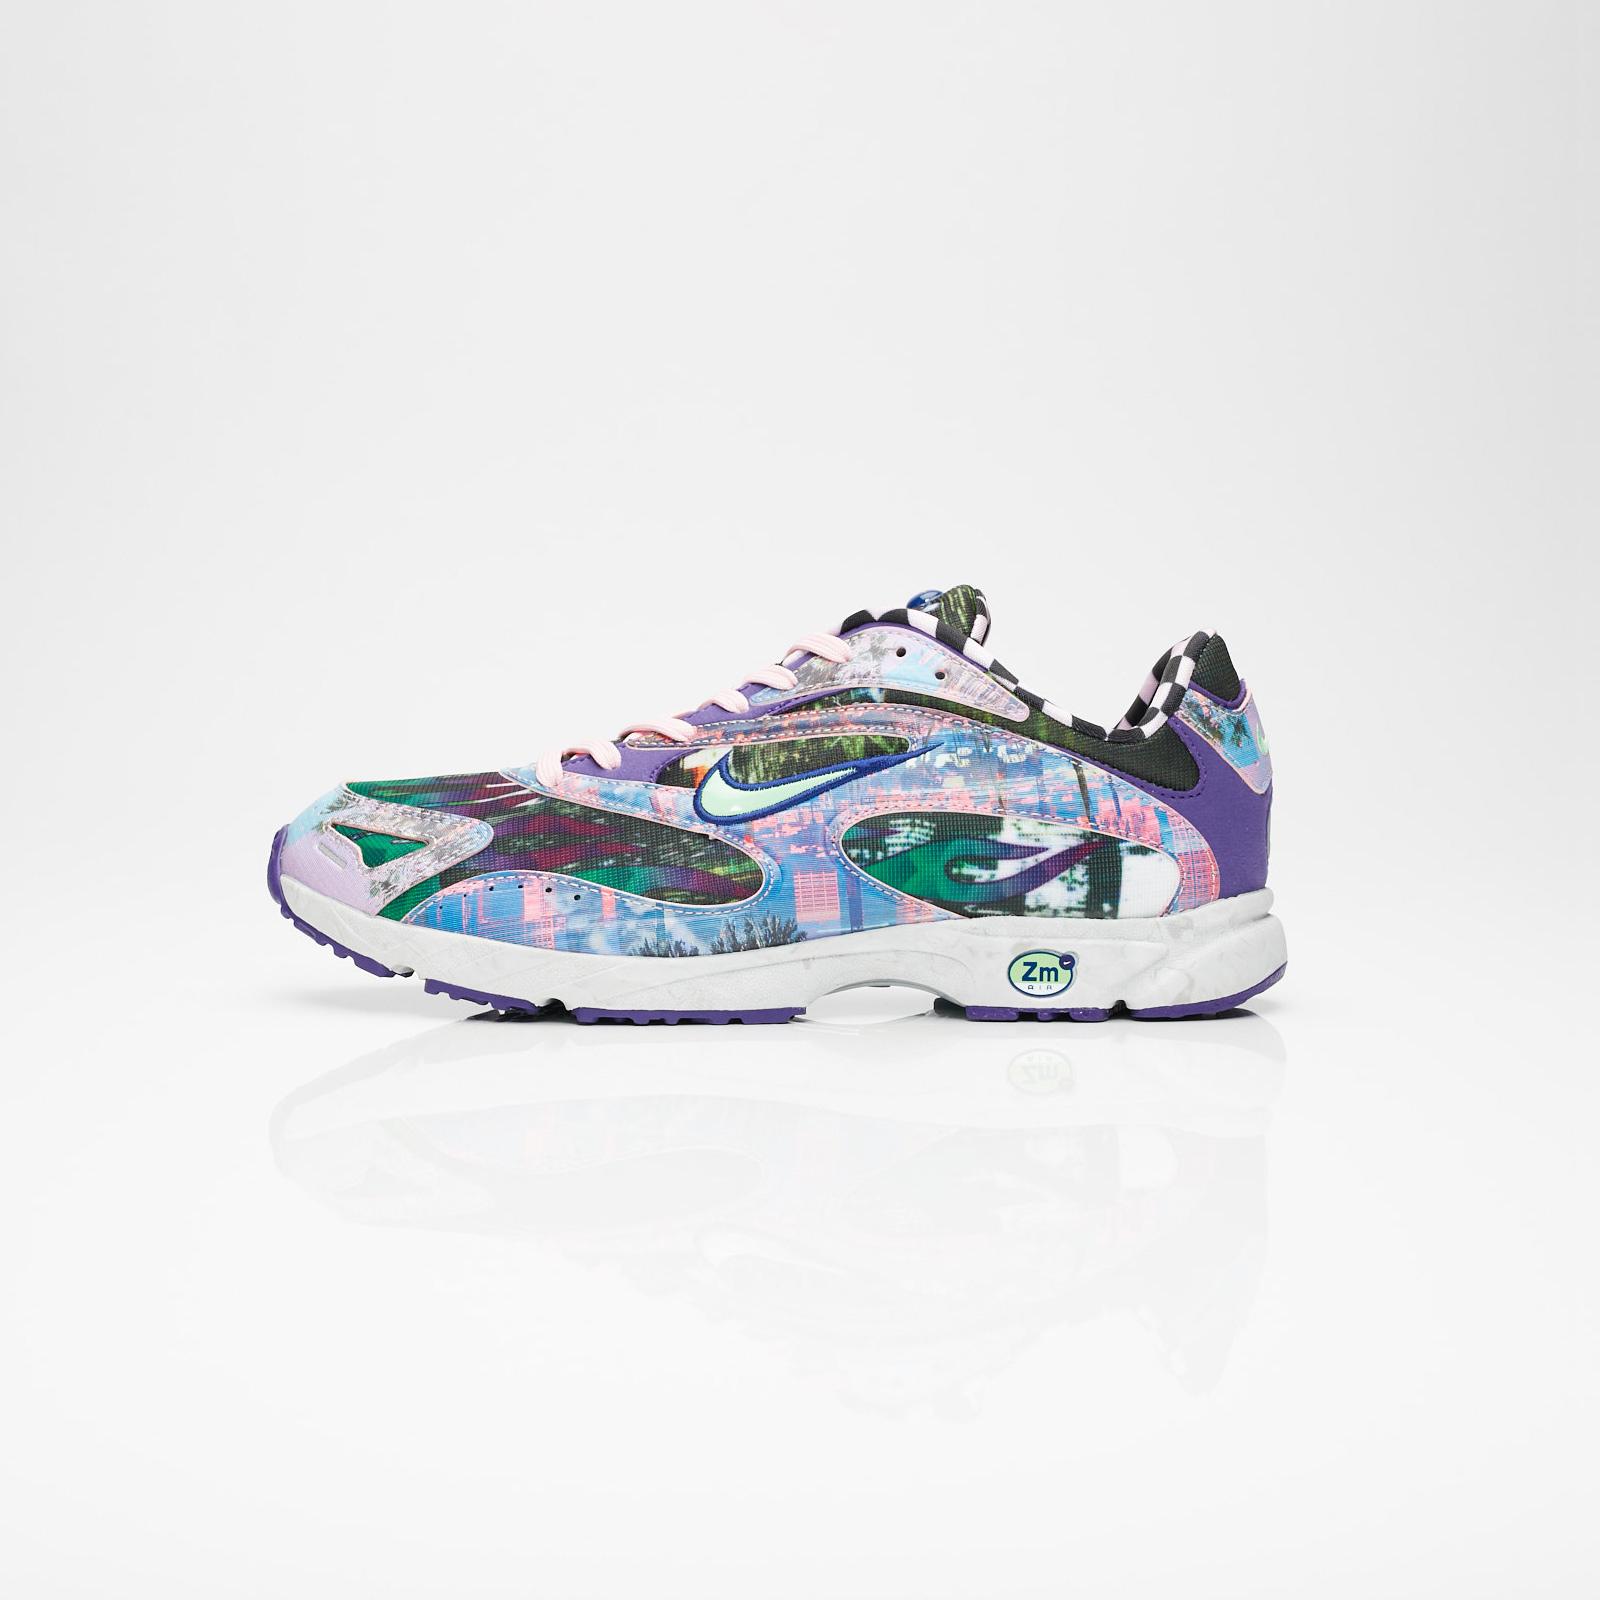 Nike Zoom Streak Spectrum Plus Vaporwave - Ar1533-500